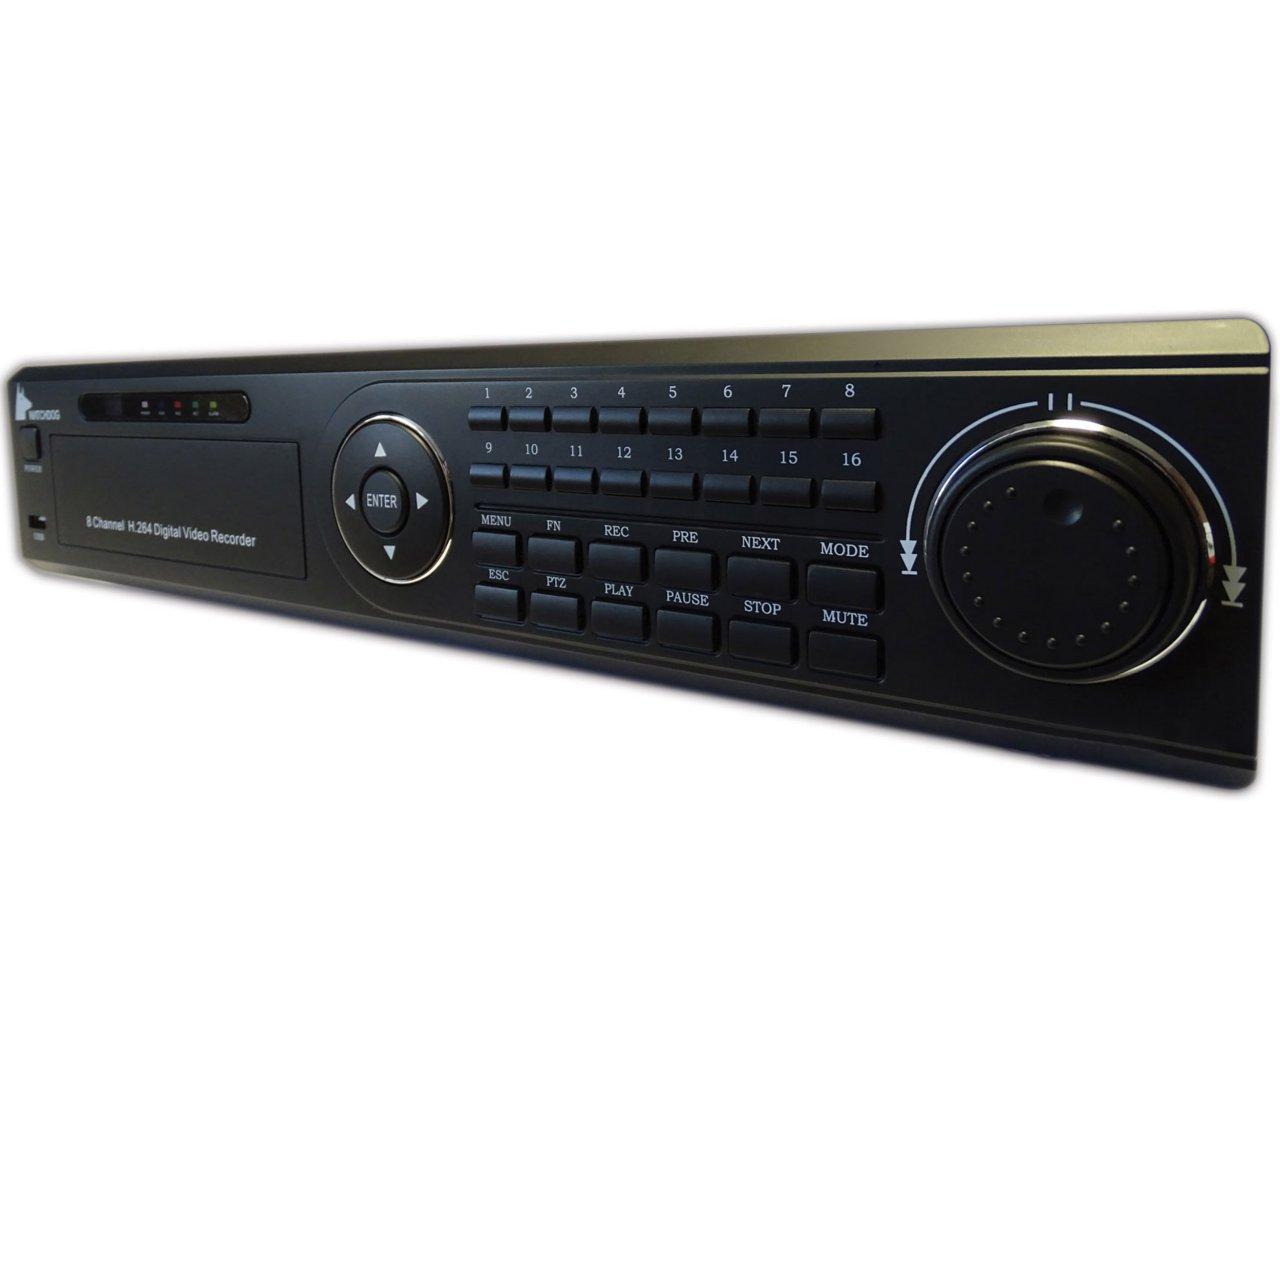 ضبط کننده ویدیویی DVR واچ داگ مدل WD-8008DHZ